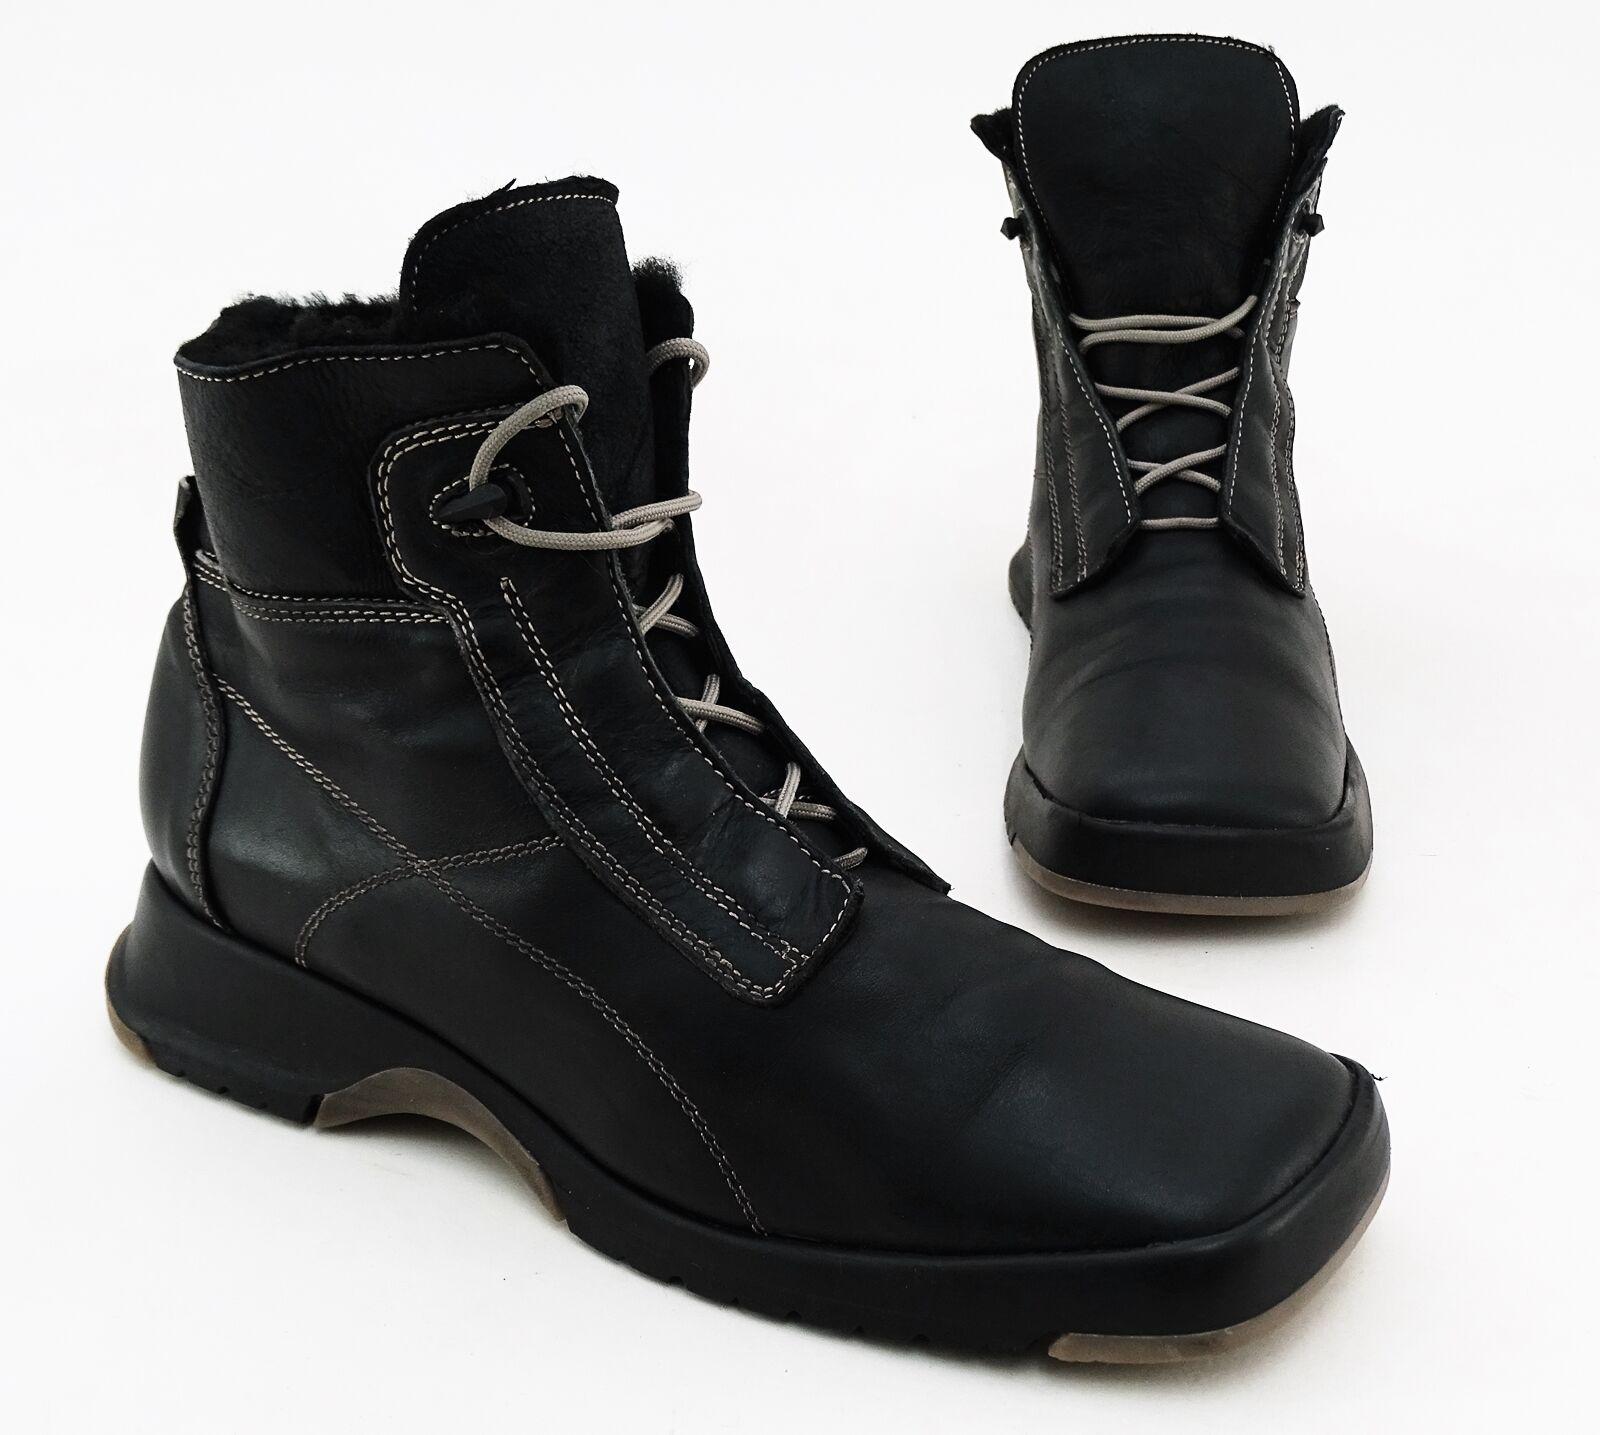 Bottines mais bottes Hiver Véritable Cuir Lacets Plat Noir Taille 42